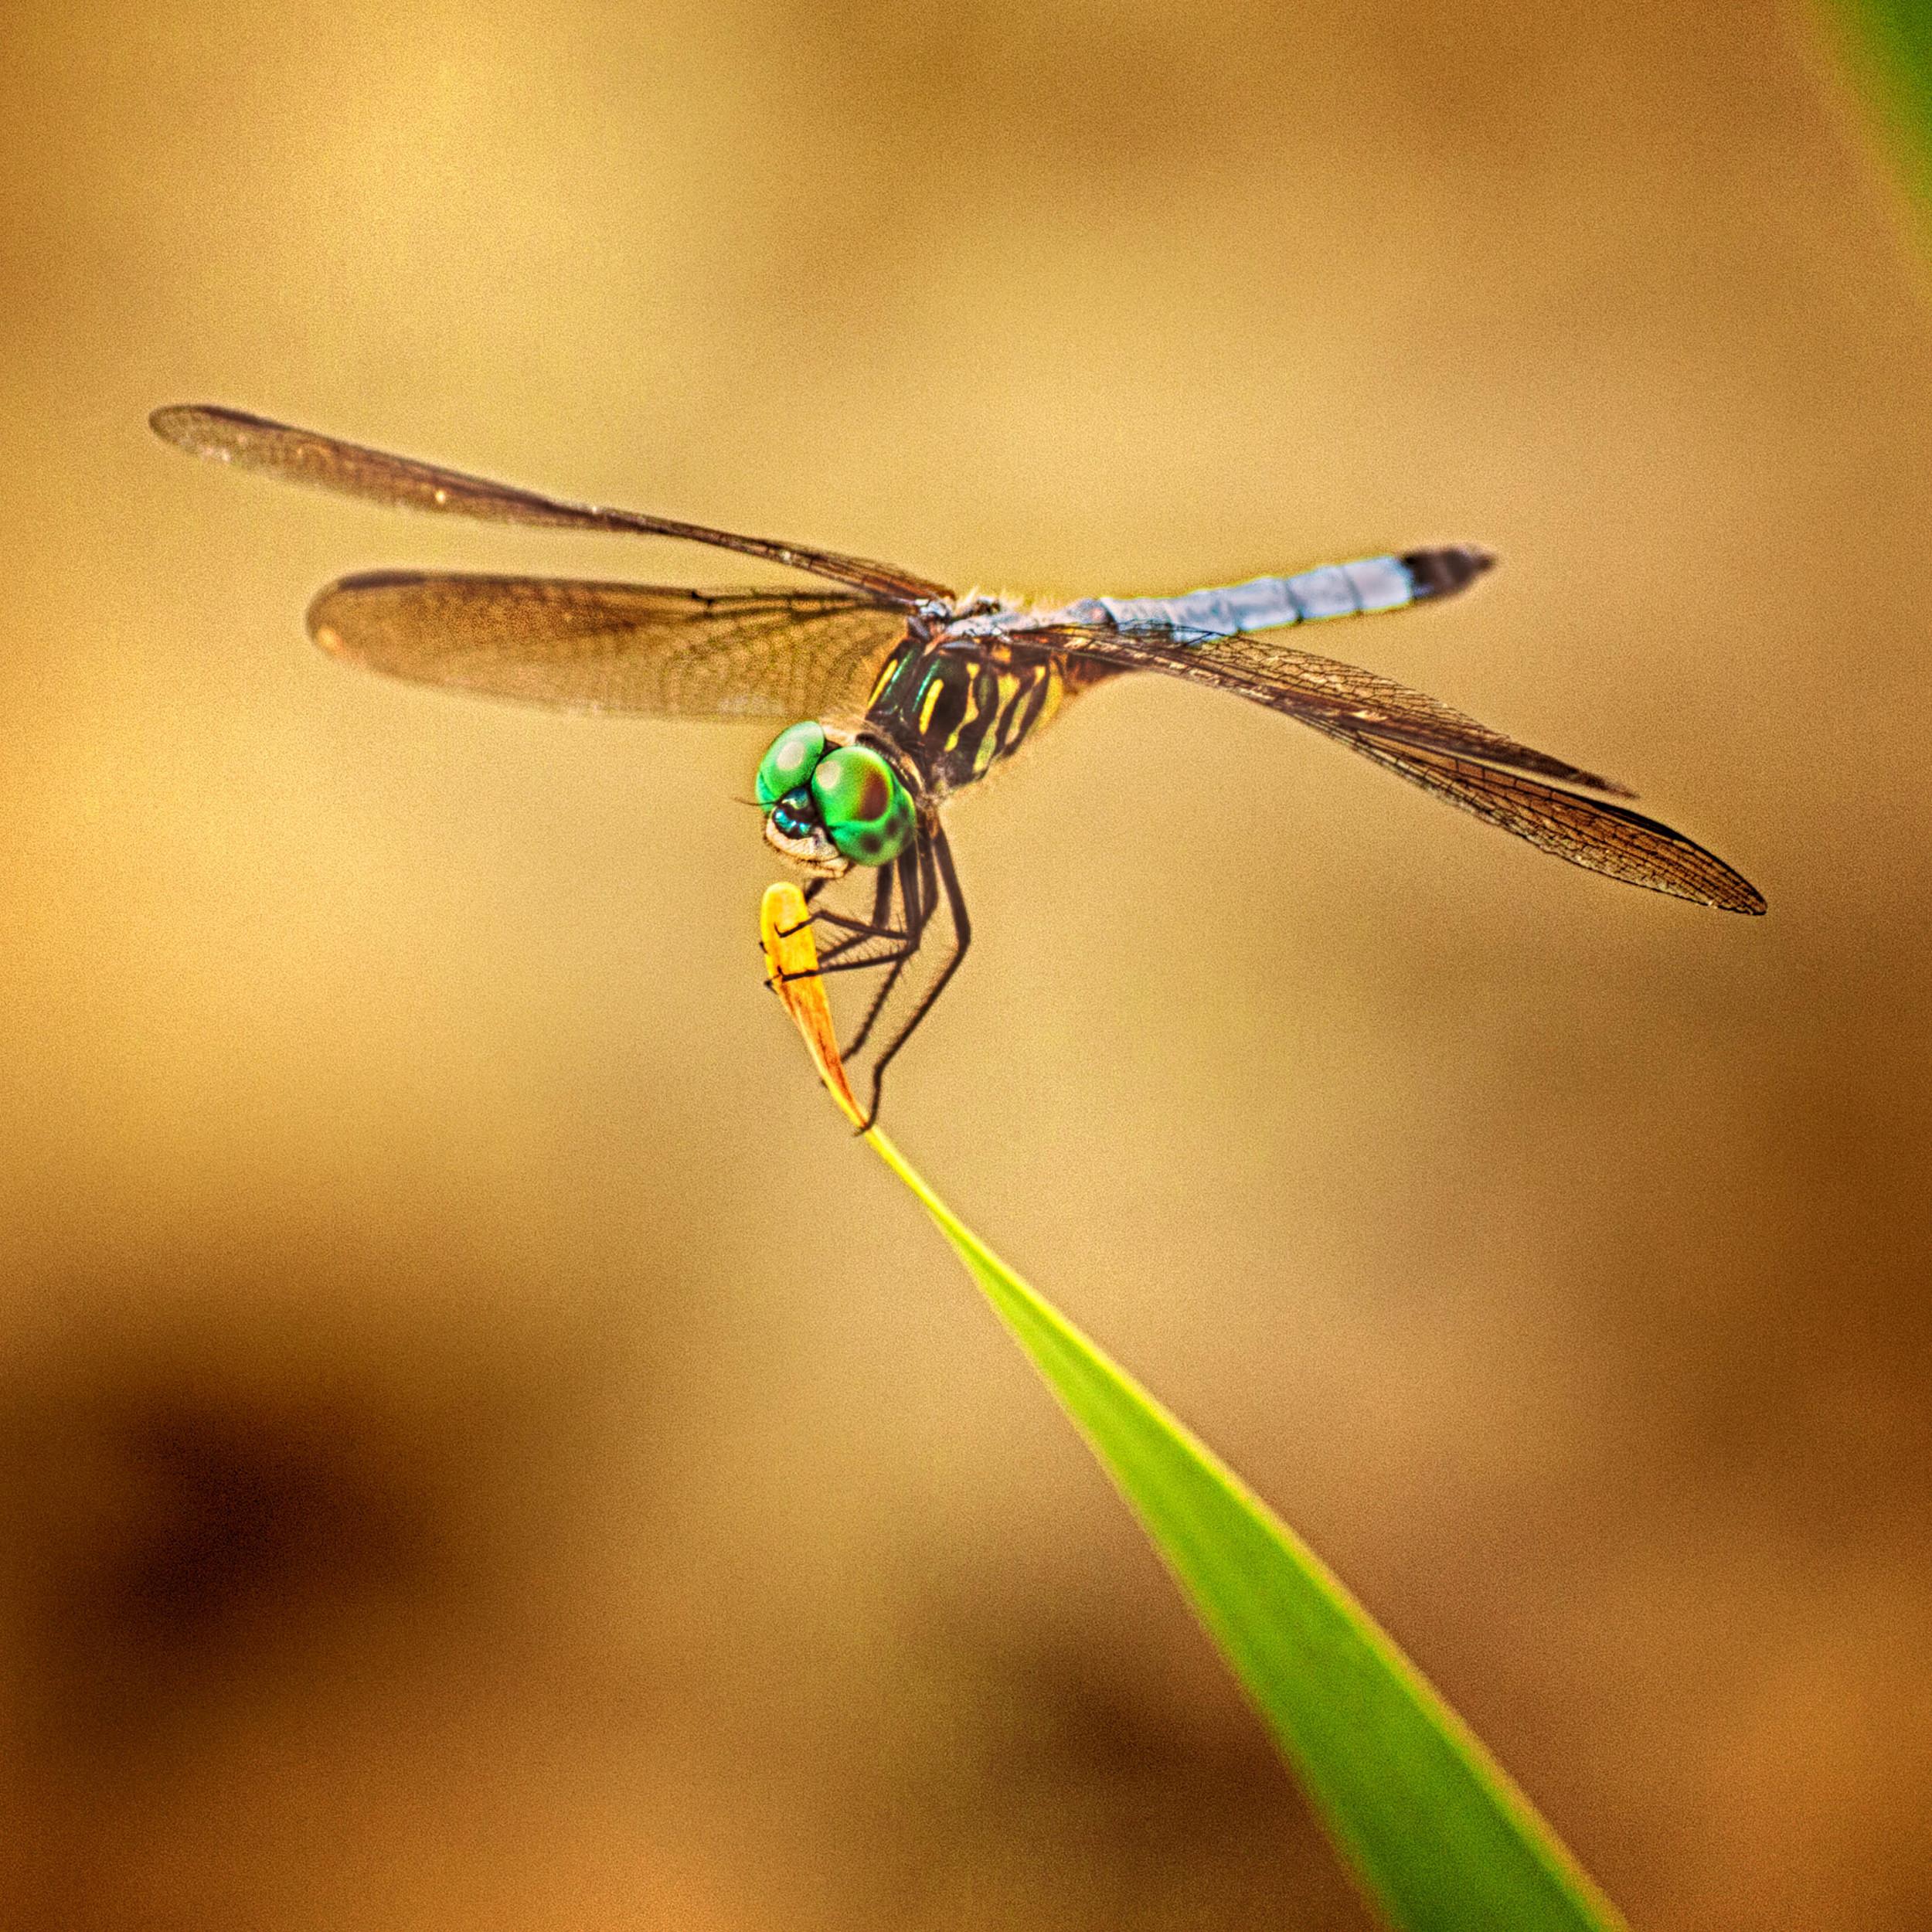 Dragonfly on Leaf cropped.jpg